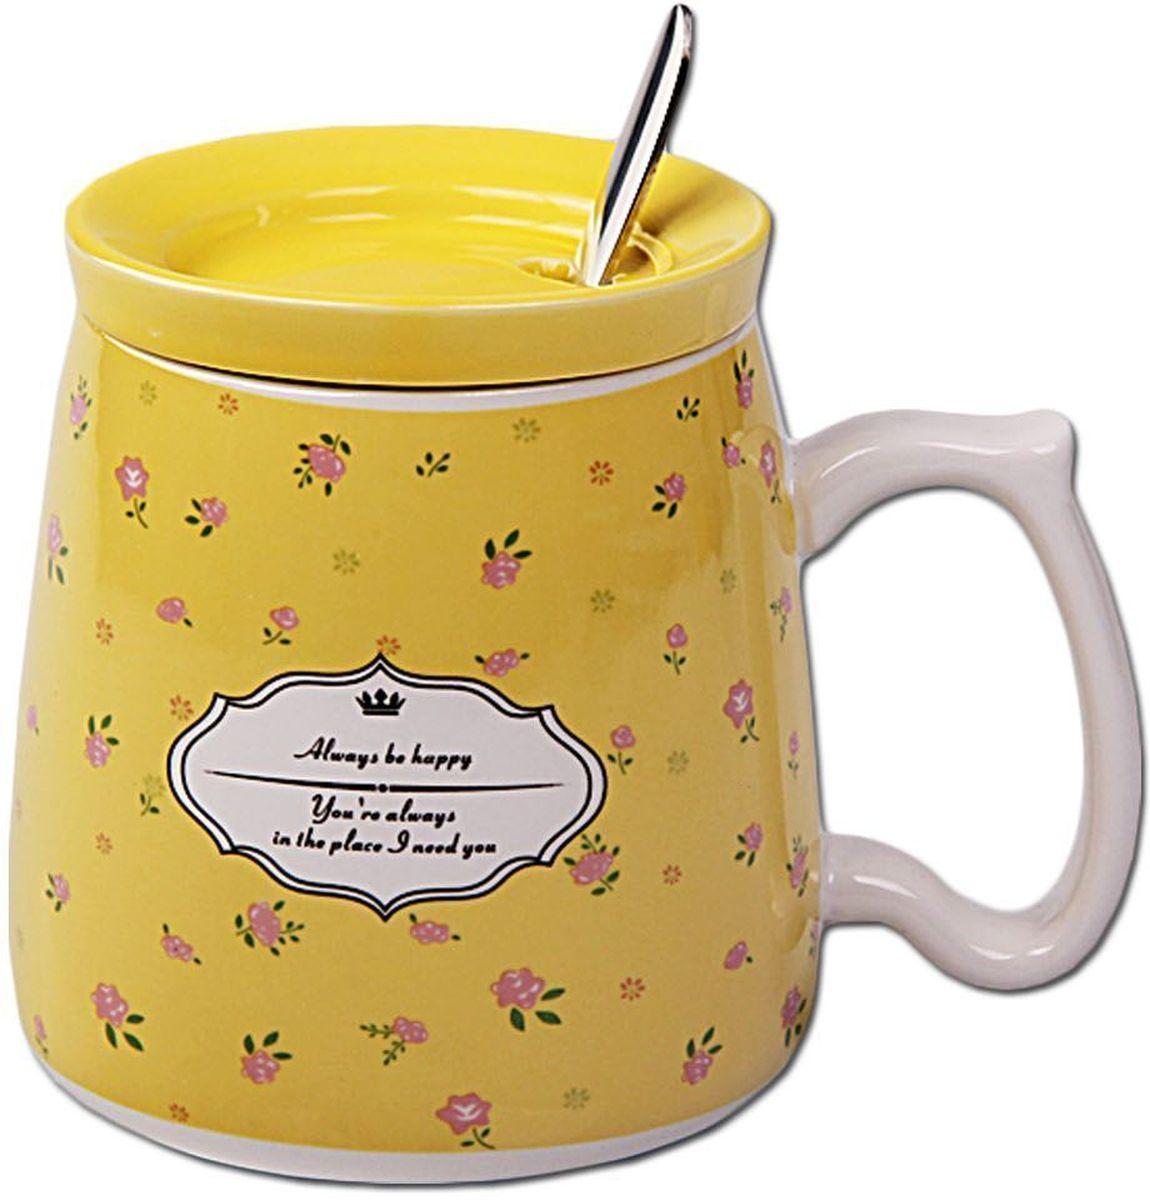 Кружка Patricia, с ложкой и крышкой, 350 мл. IM99-0554/желтыйIM99-0554/желтыйКружка выполнена из керамики высшего качества, ложка из стали. Изделие декорировано ярким цветочным принтом. Кружка 10х8 см объем 350 мл, ложка длина 14,5 см.